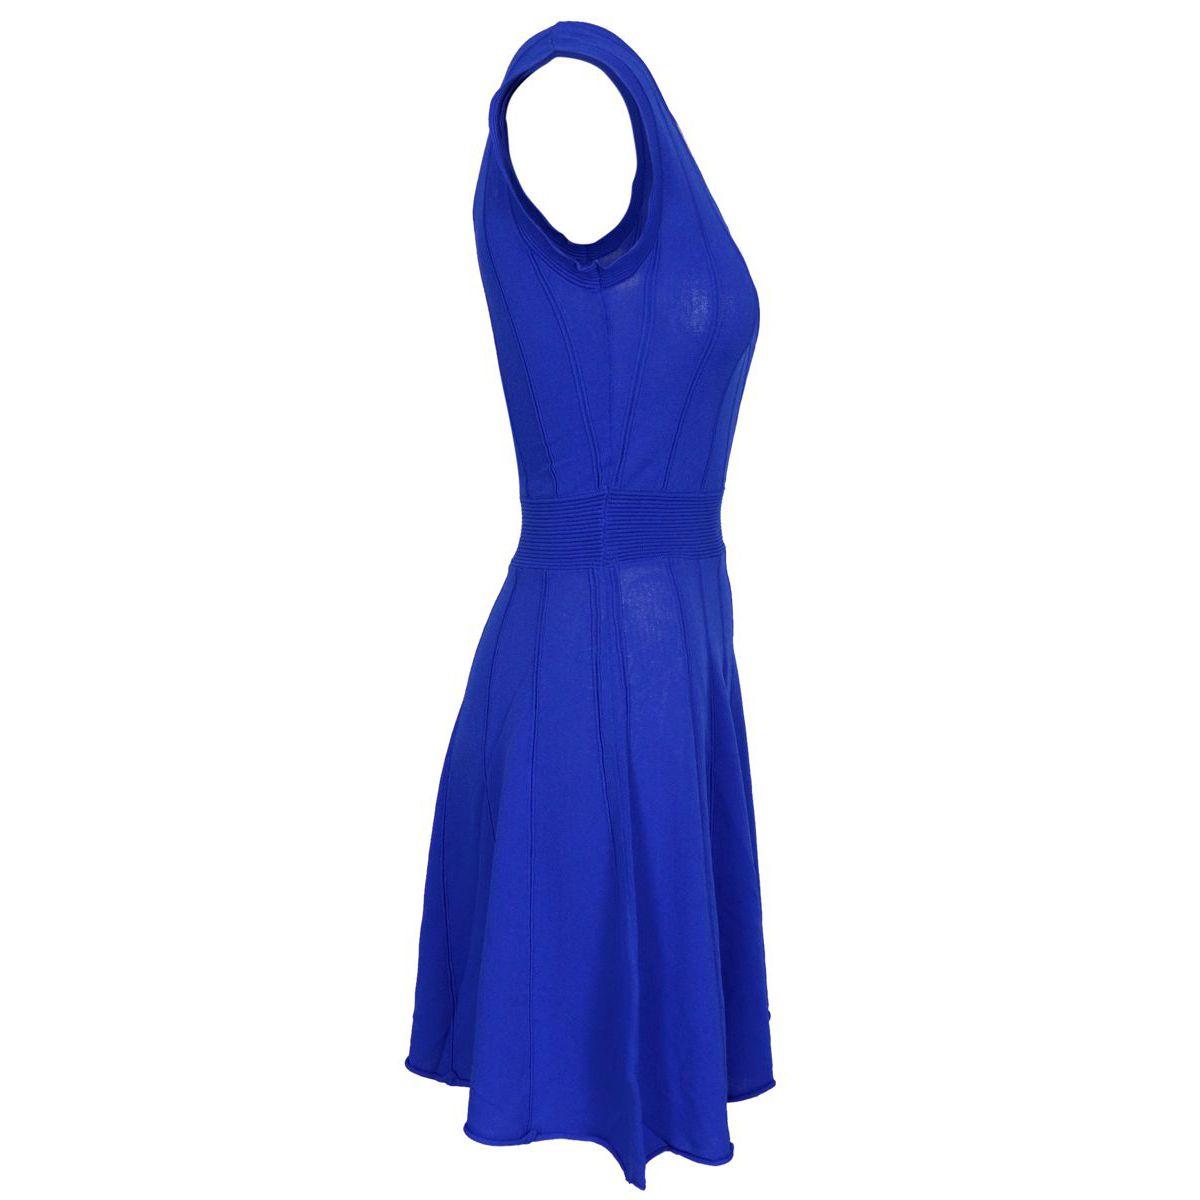 Sleeveless TORONTO dress in viscose blend Bluette Nenette